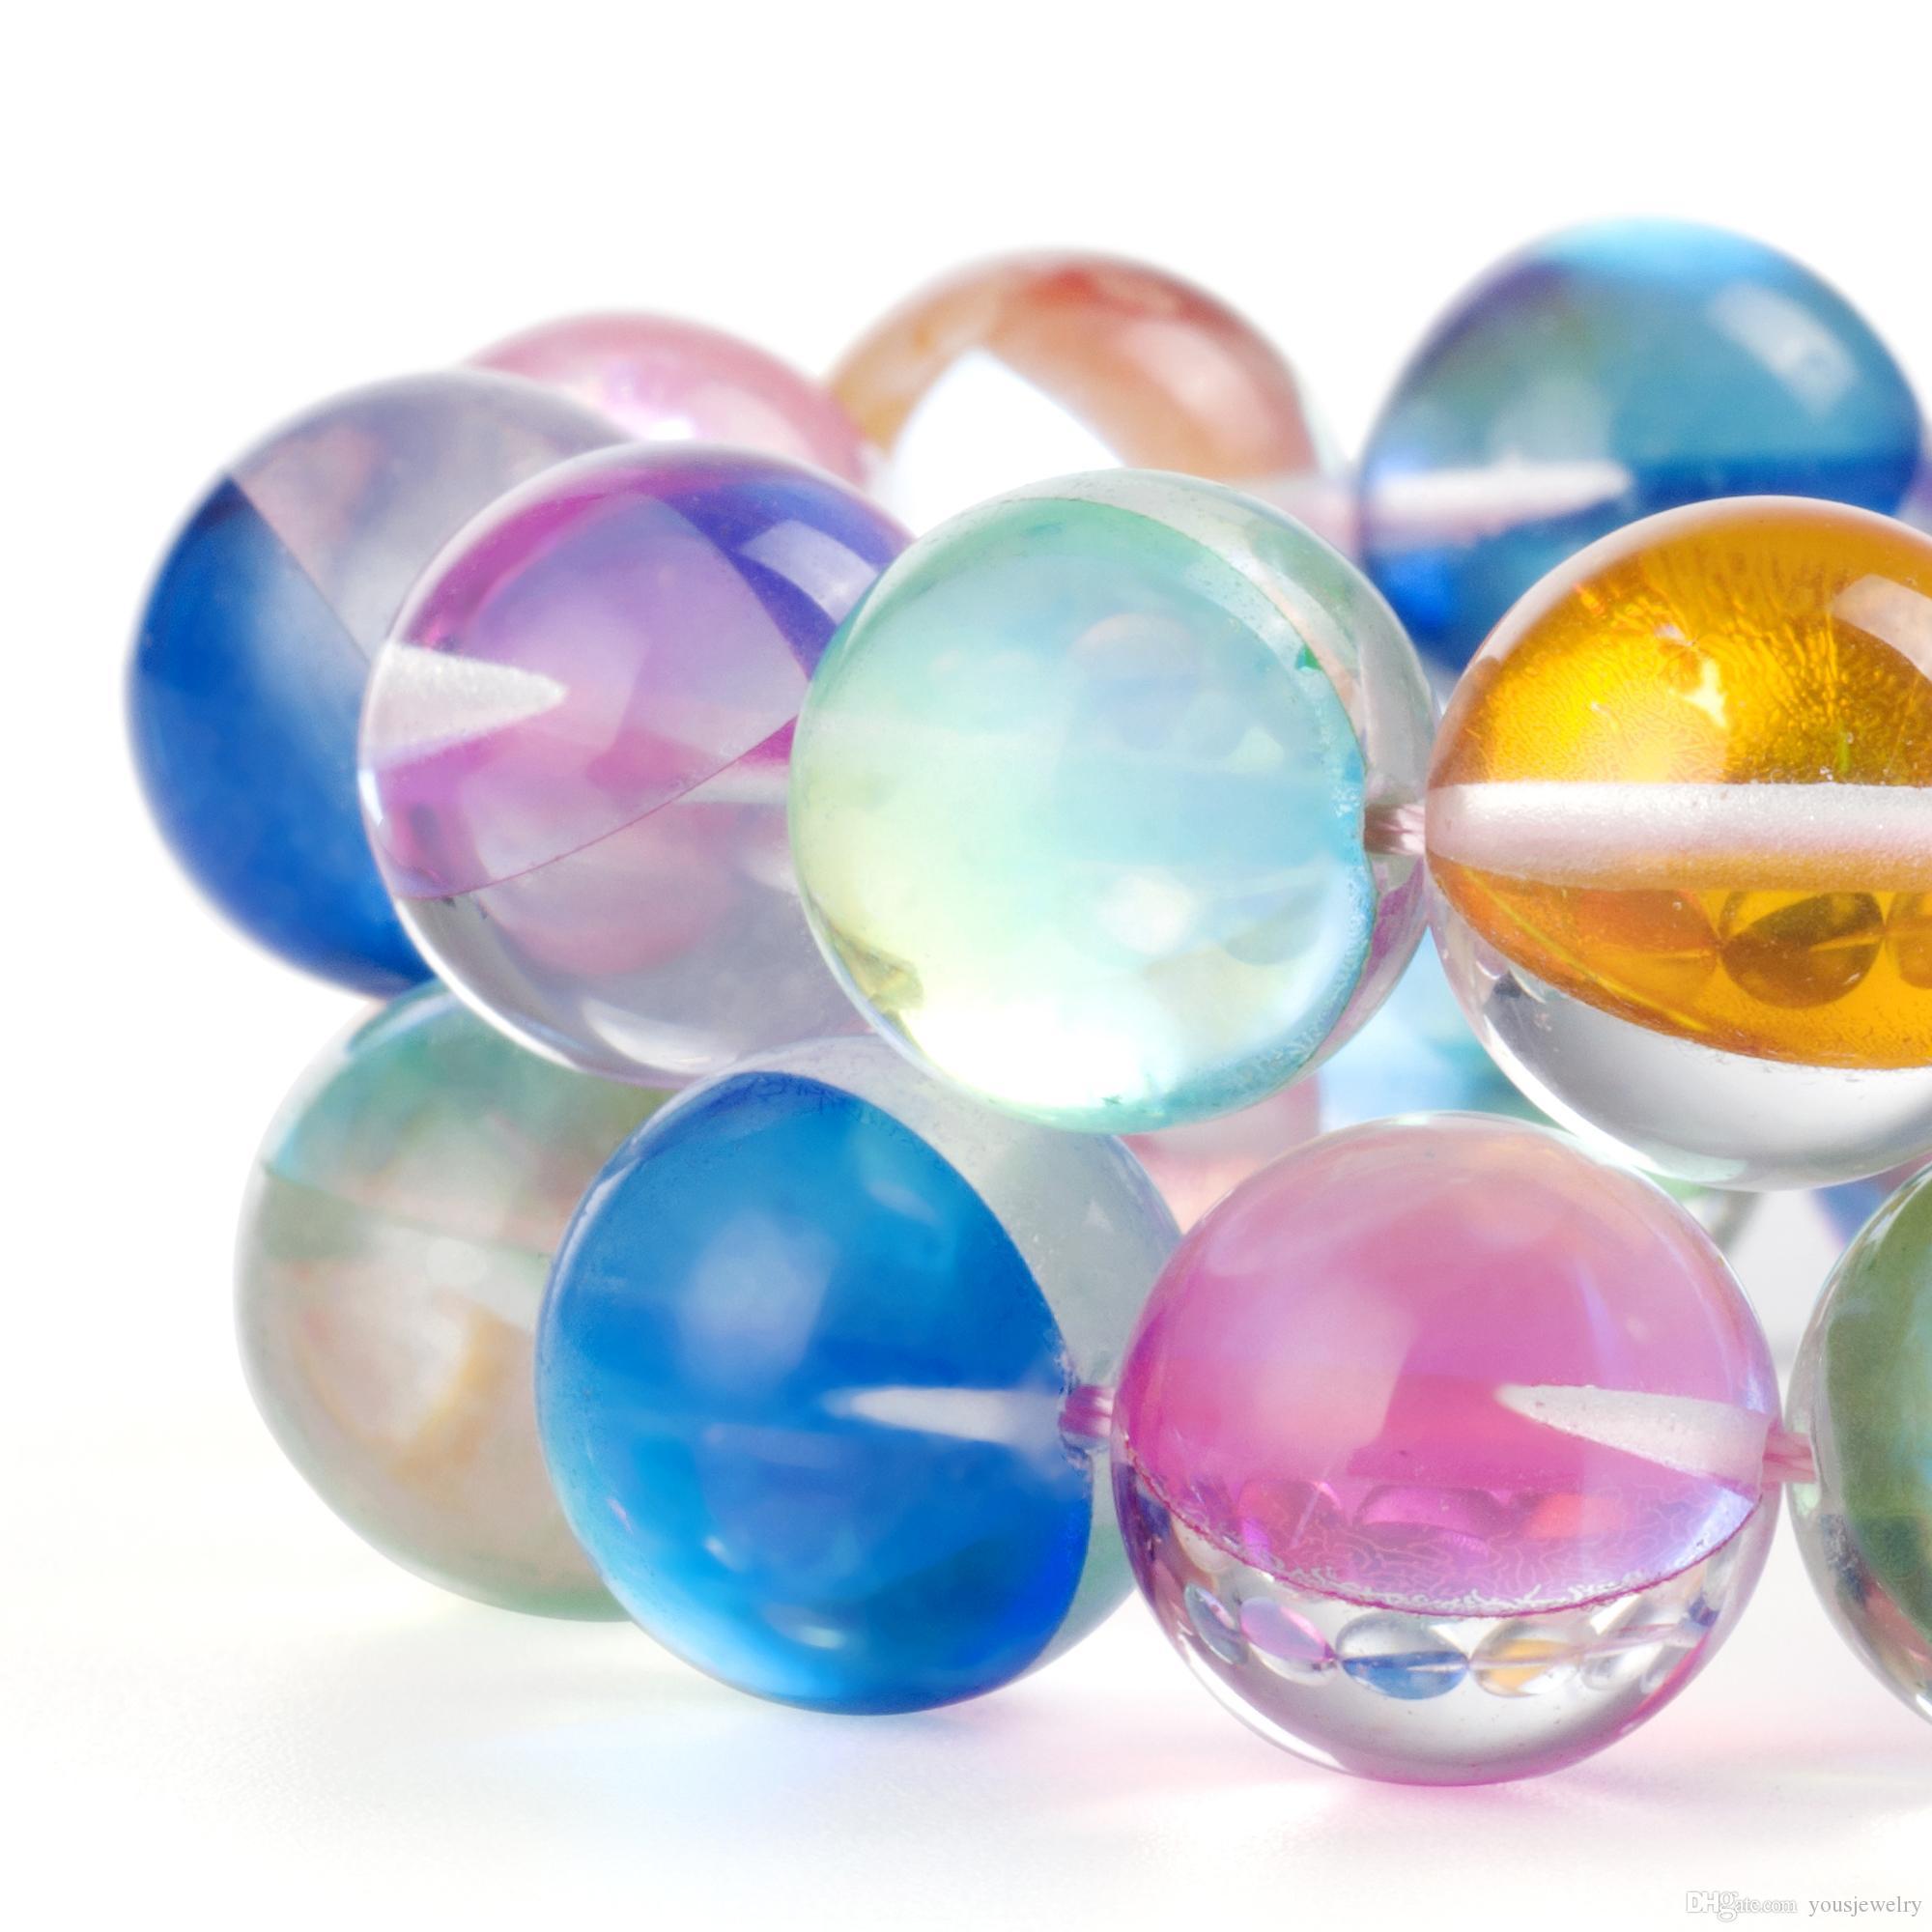 Moonstone beads misturado arco-íris cores aura iridescente cristal austríaco redondo grânulos fracos para jóias fazendo fit mulheres encantos pulseira 6-12 mm